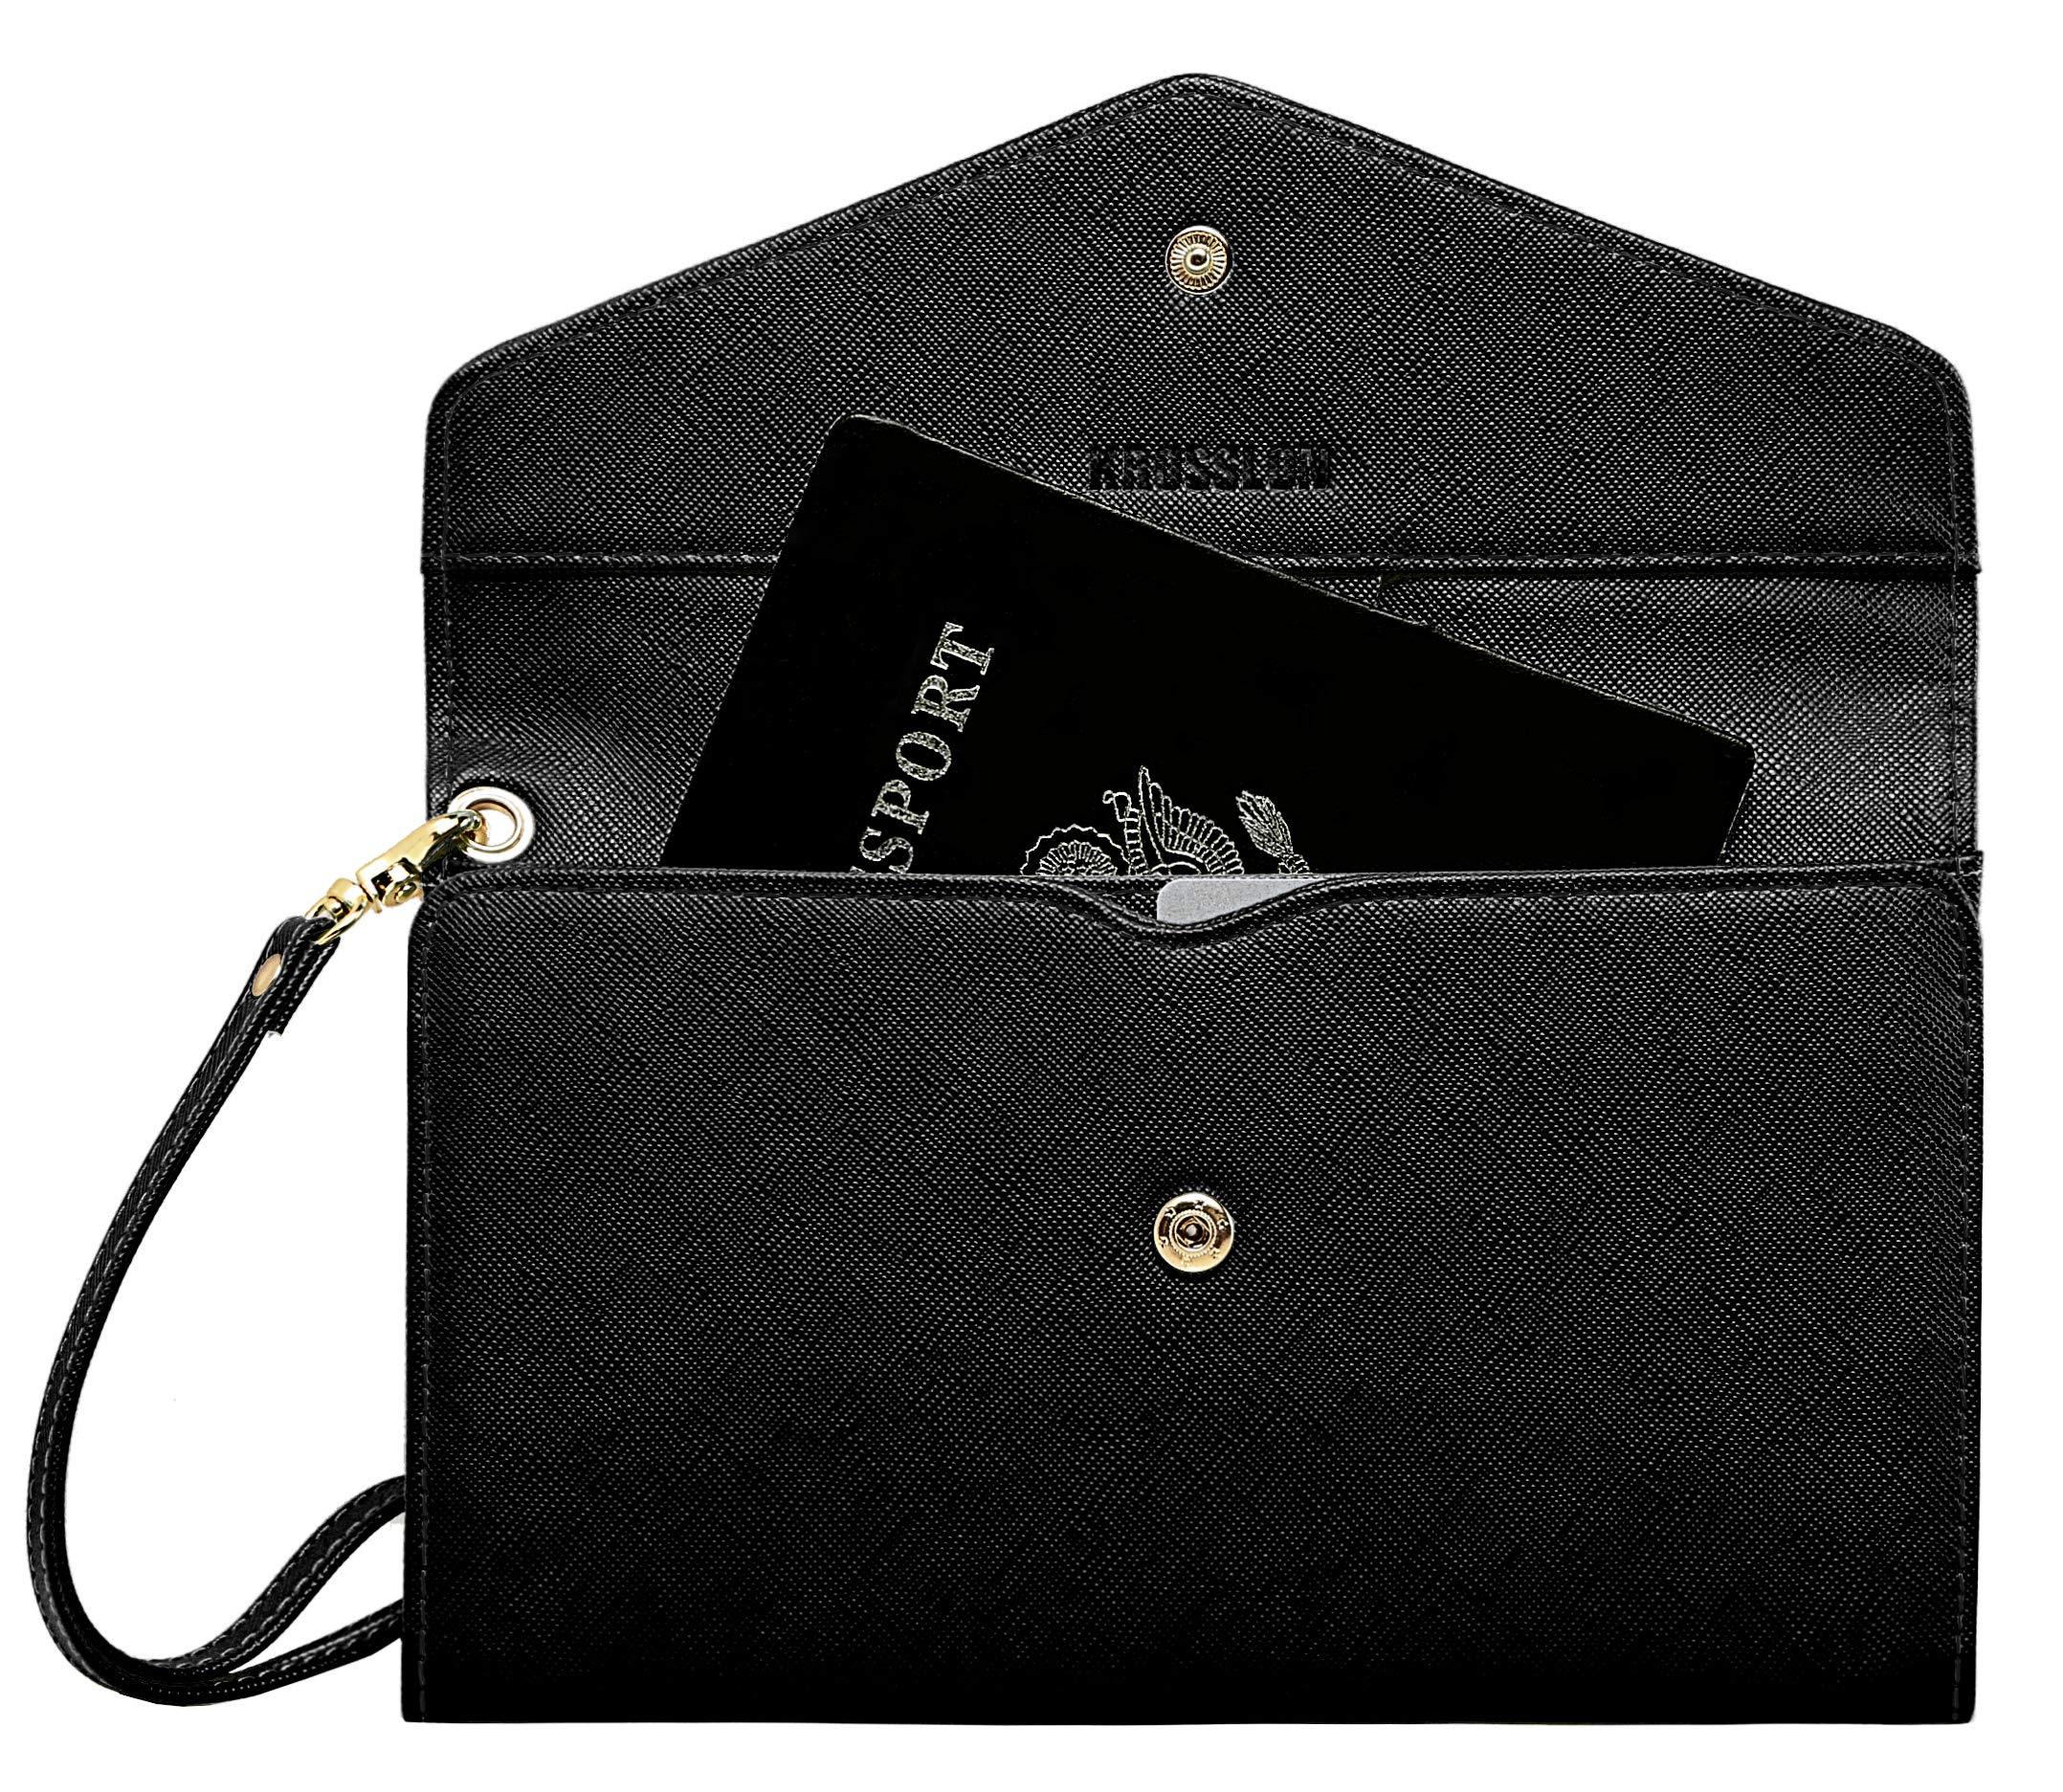 Krosslon Travel Passport Wallet for Women Rfid Wristlet Slim Family Document Holder, 1# Black by KROSSLON (Image #1)